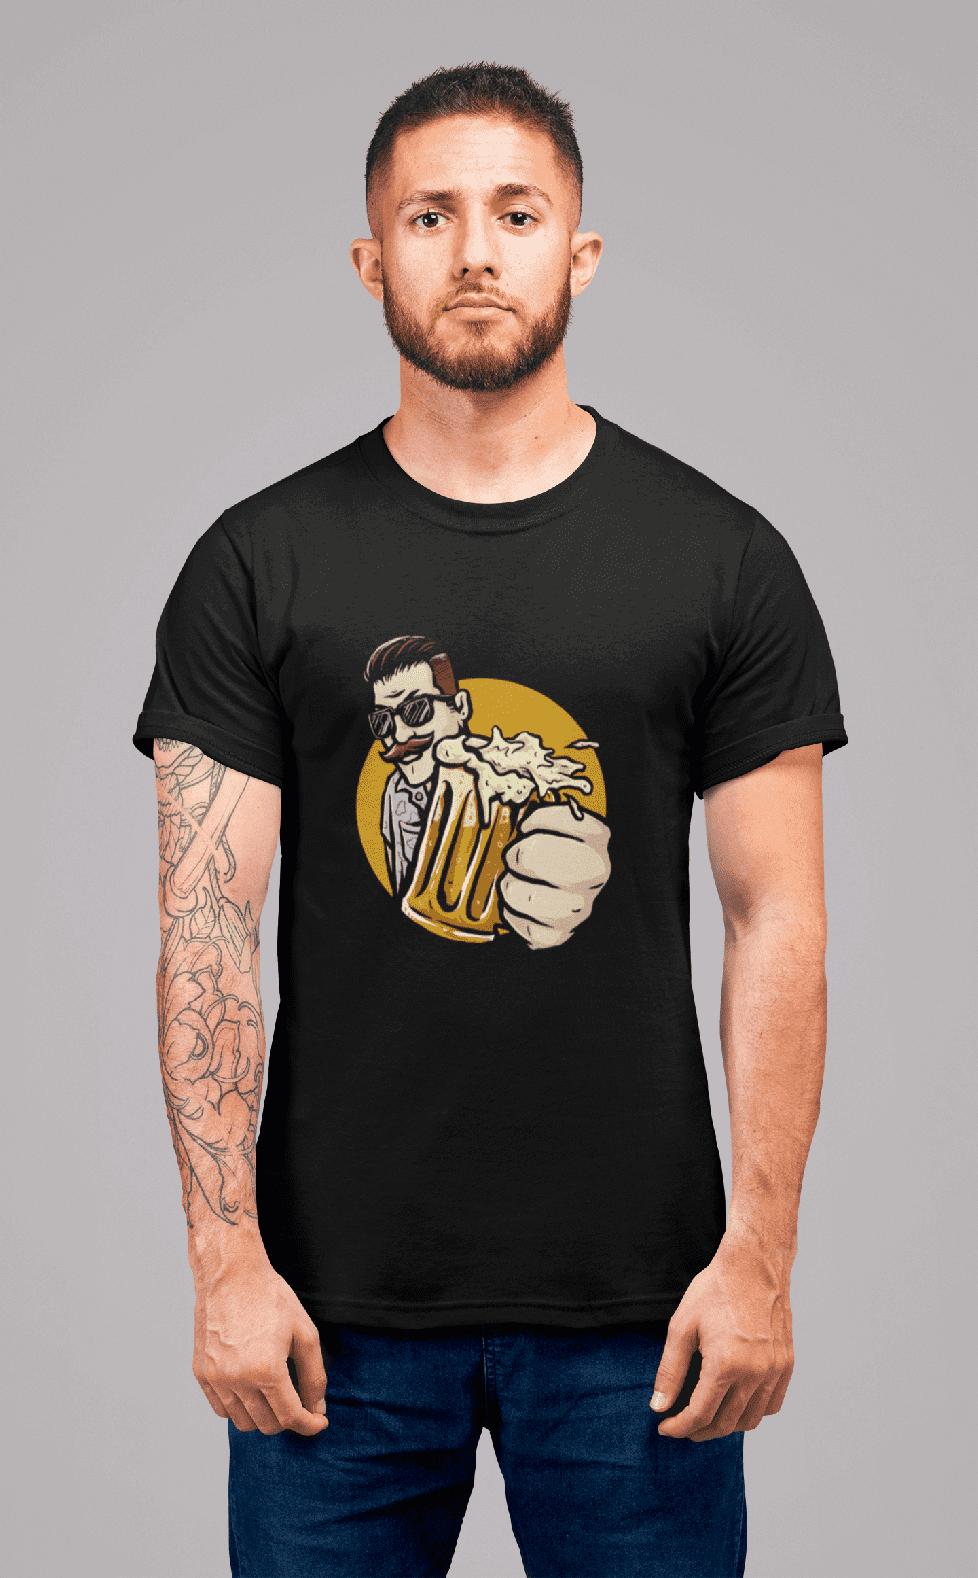 MMO Pánske tričko Chlap s pivom v ruke Vyberte farbu: Čierna, Vyberte veľkosť: L